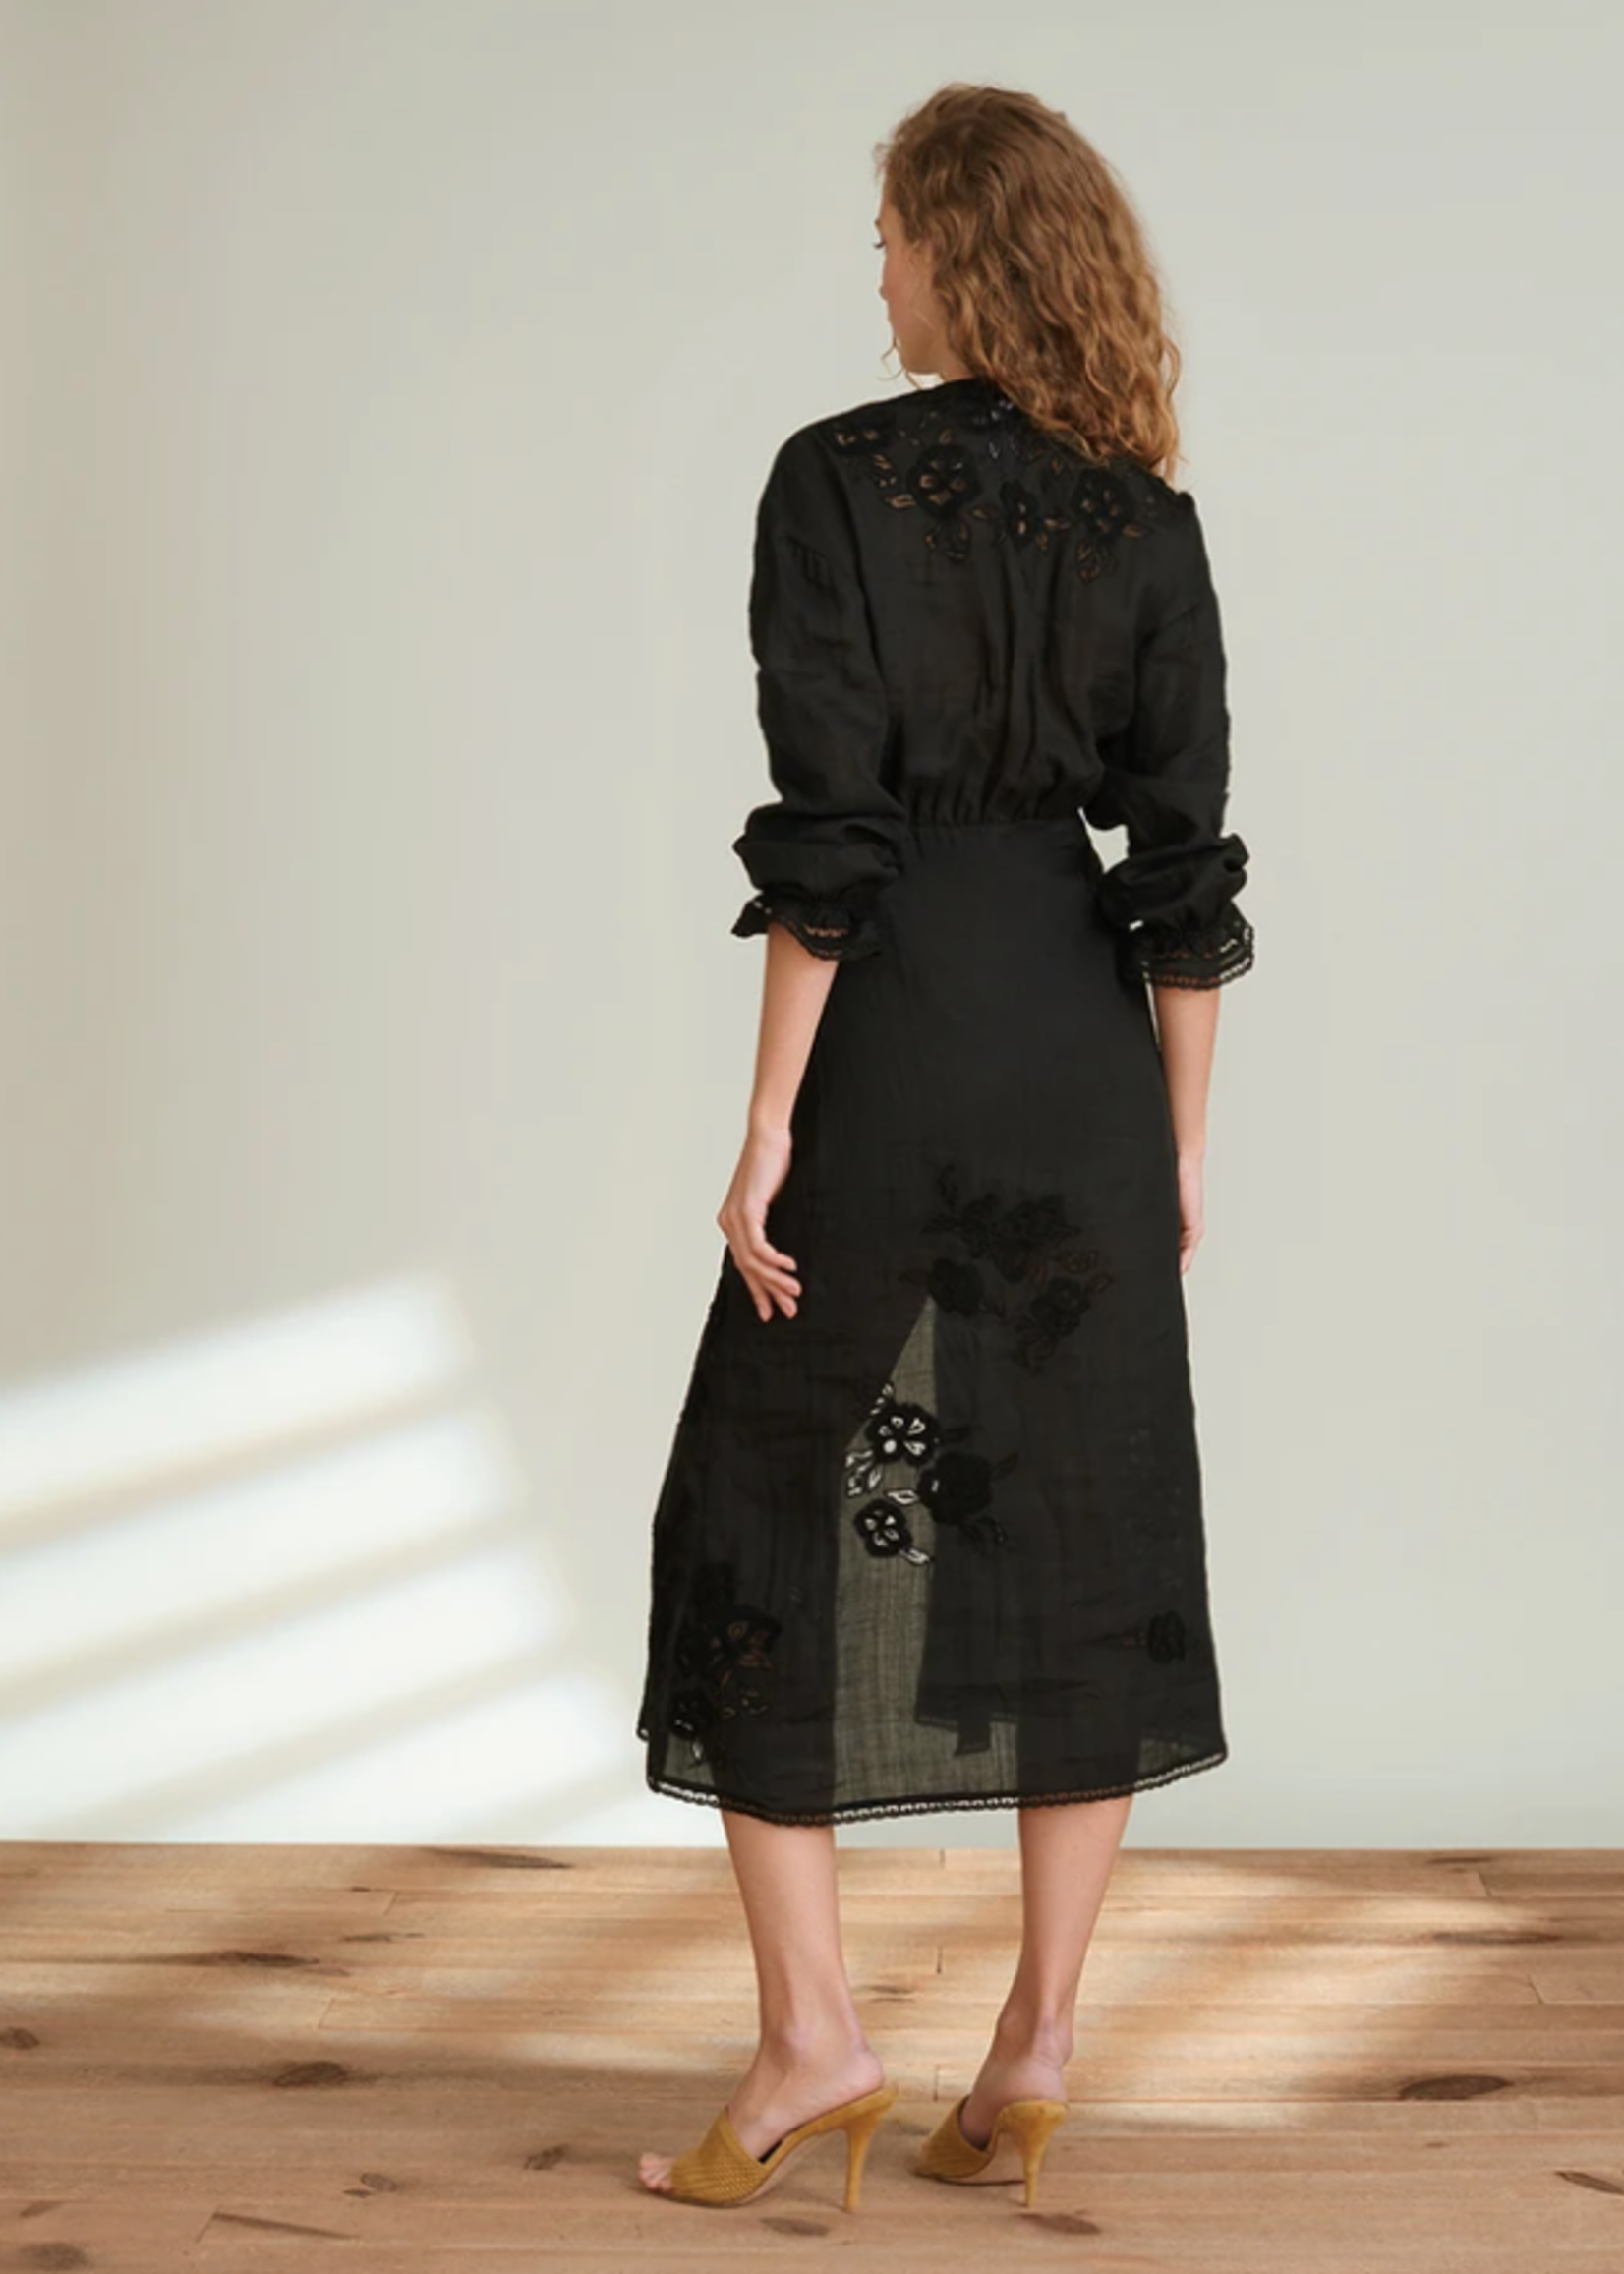 VERONICA BEARD TRINA DRESS 4/21